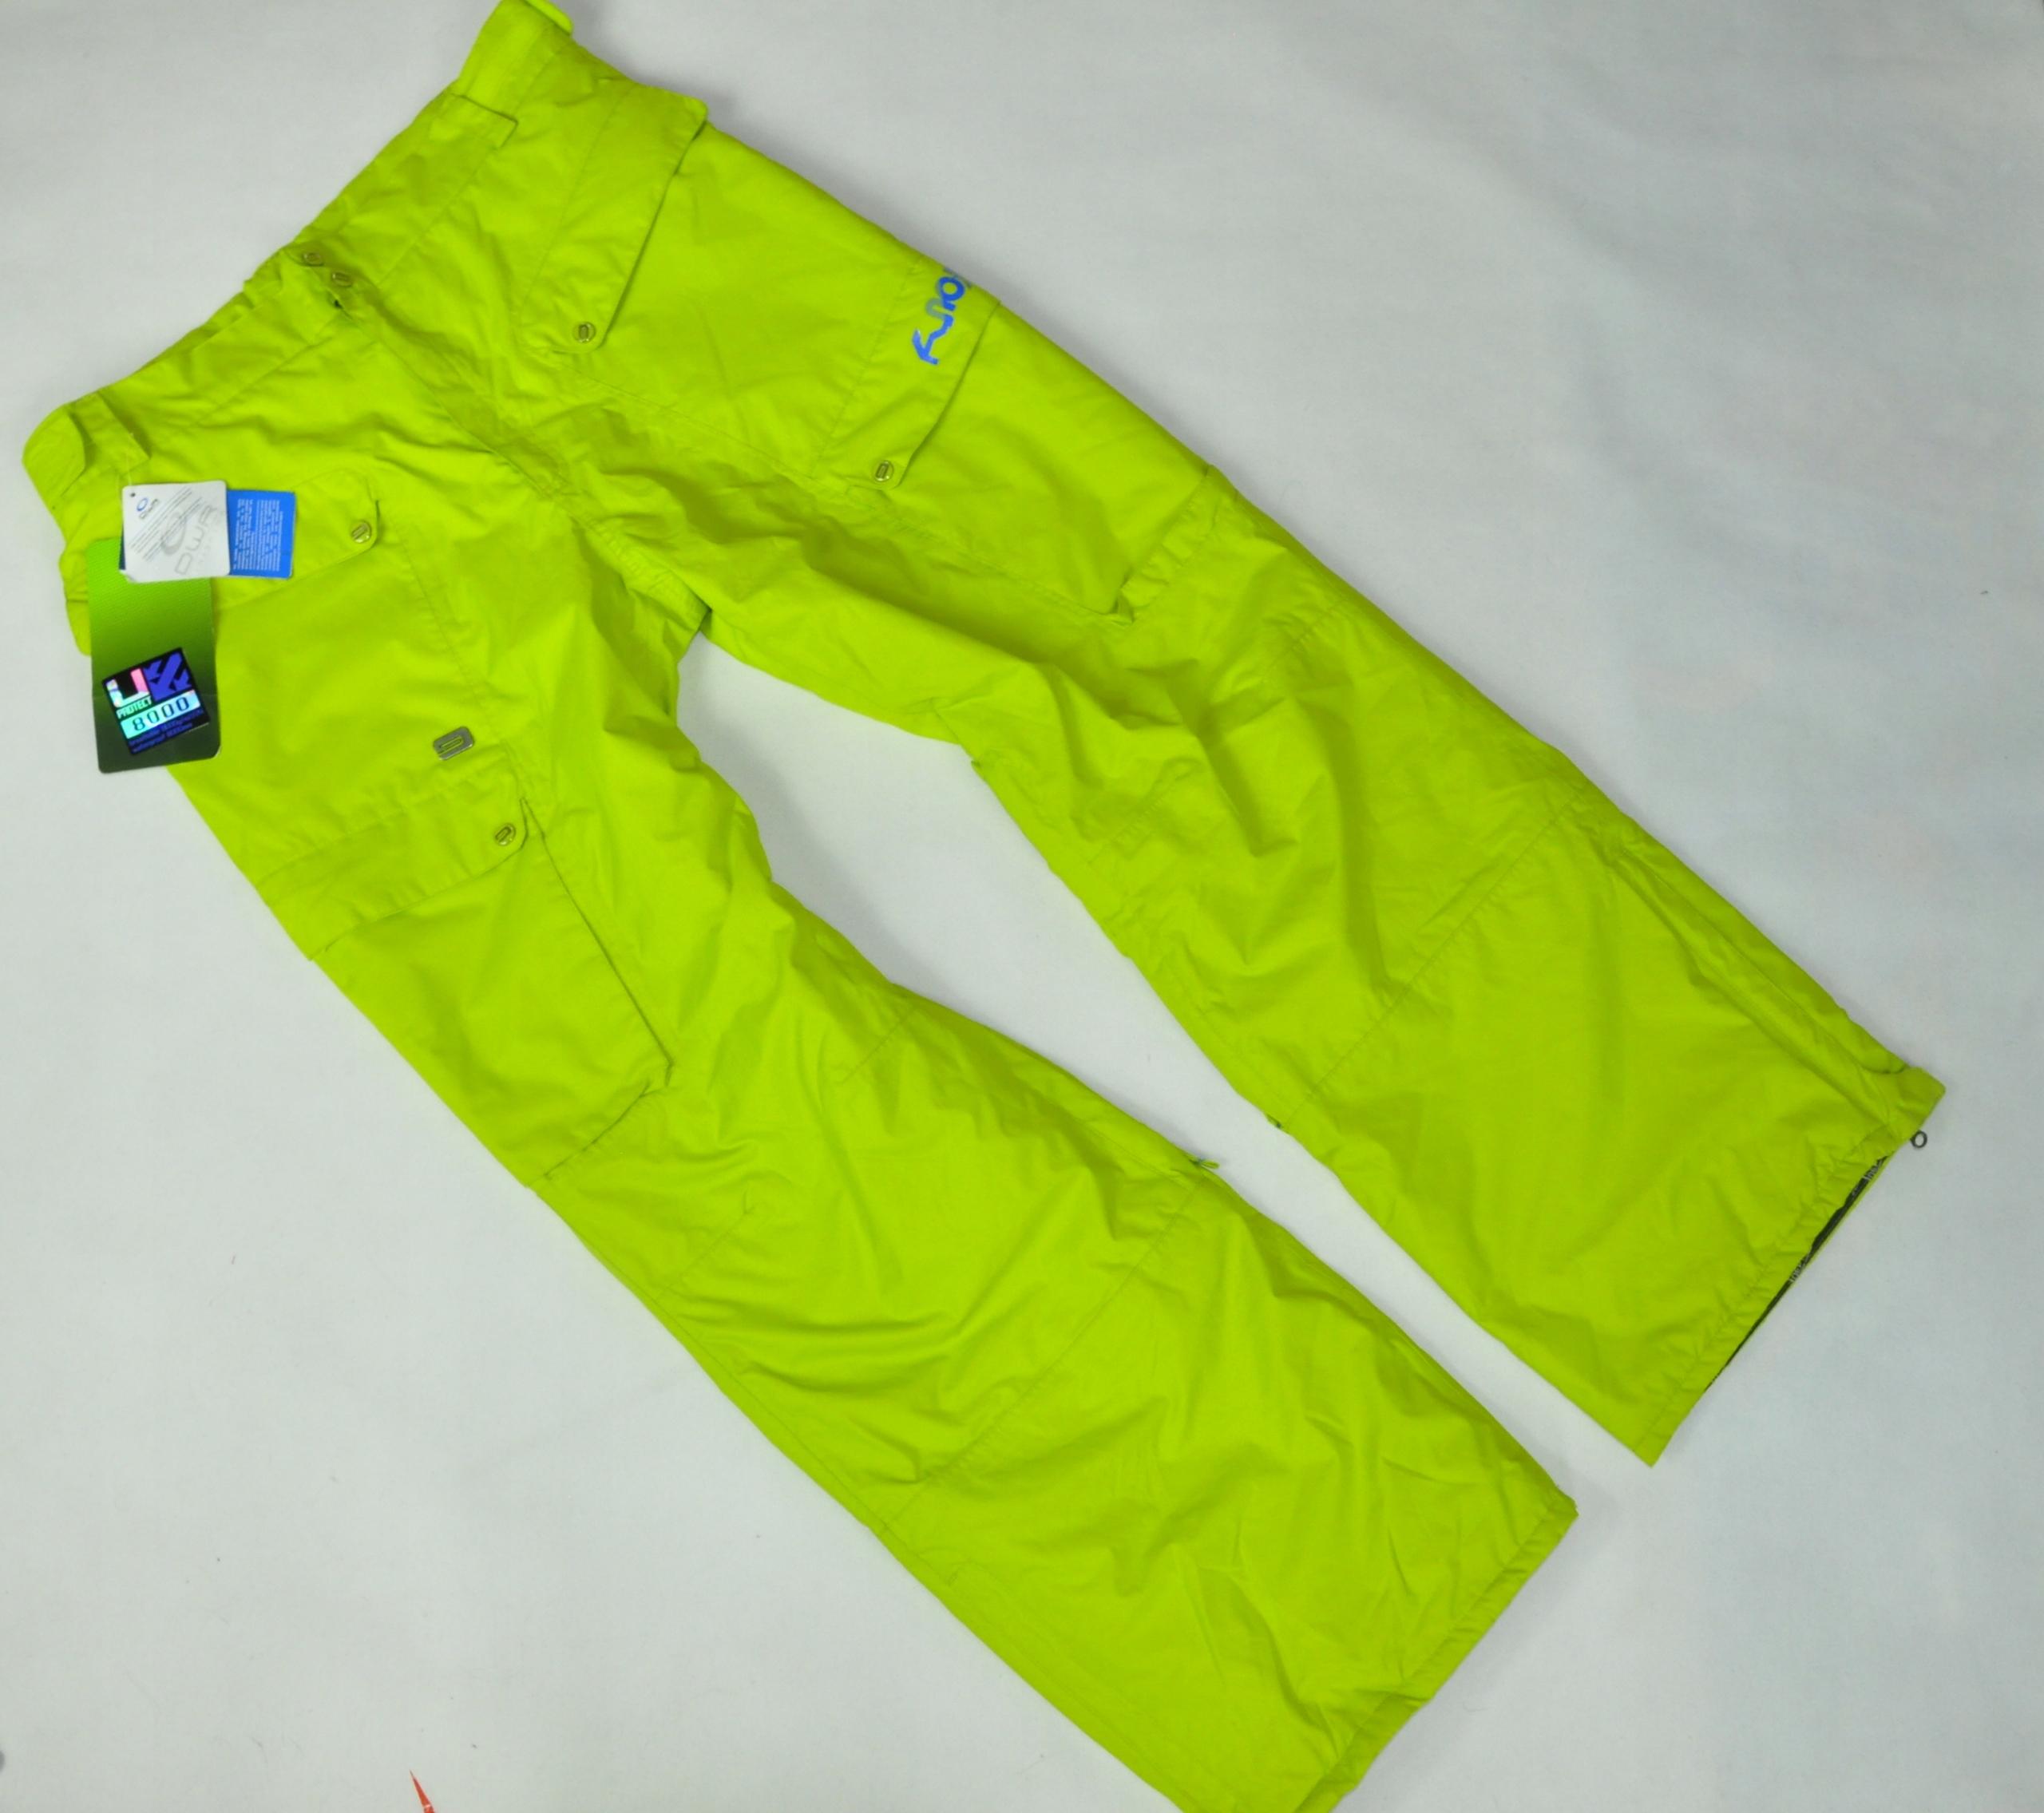 89755c0a0 spodnie xxl Poznań w Oficjalnym Archiwum Allegro - archiwum ofert